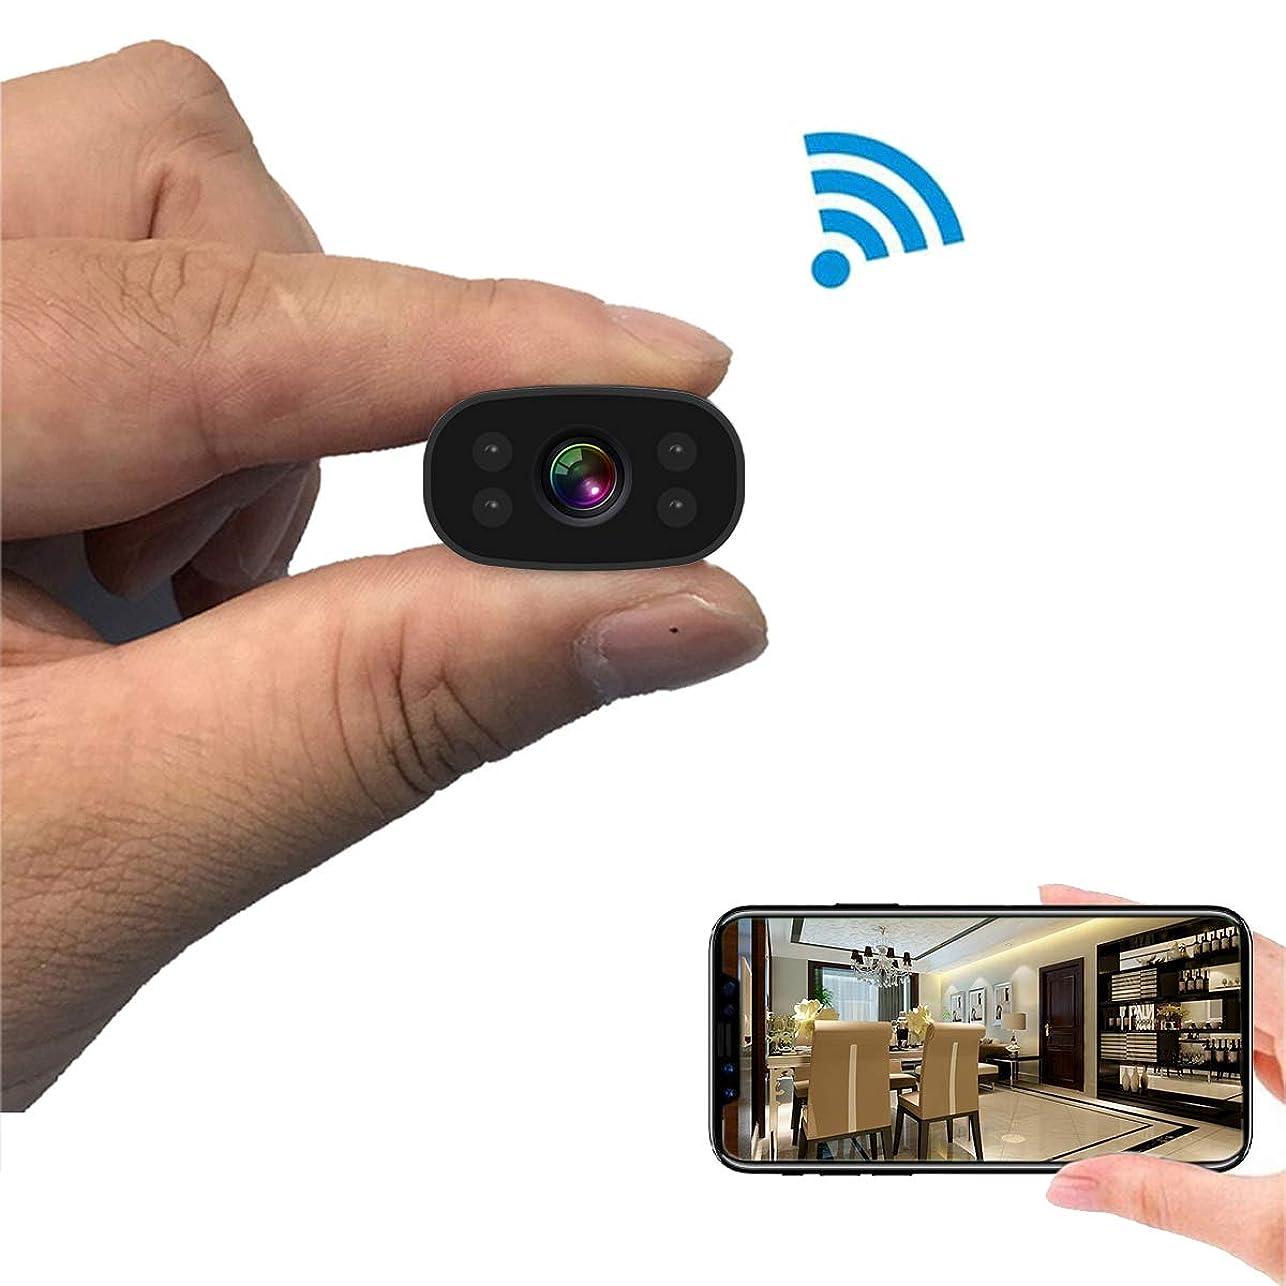 バックワードローブ回転する超小型カメラ,PNZEO W3 隠し防犯カメラ1080P HD暗視ワイヤレス WiFi 遠隔監視カメラスパイカメラ動体検知